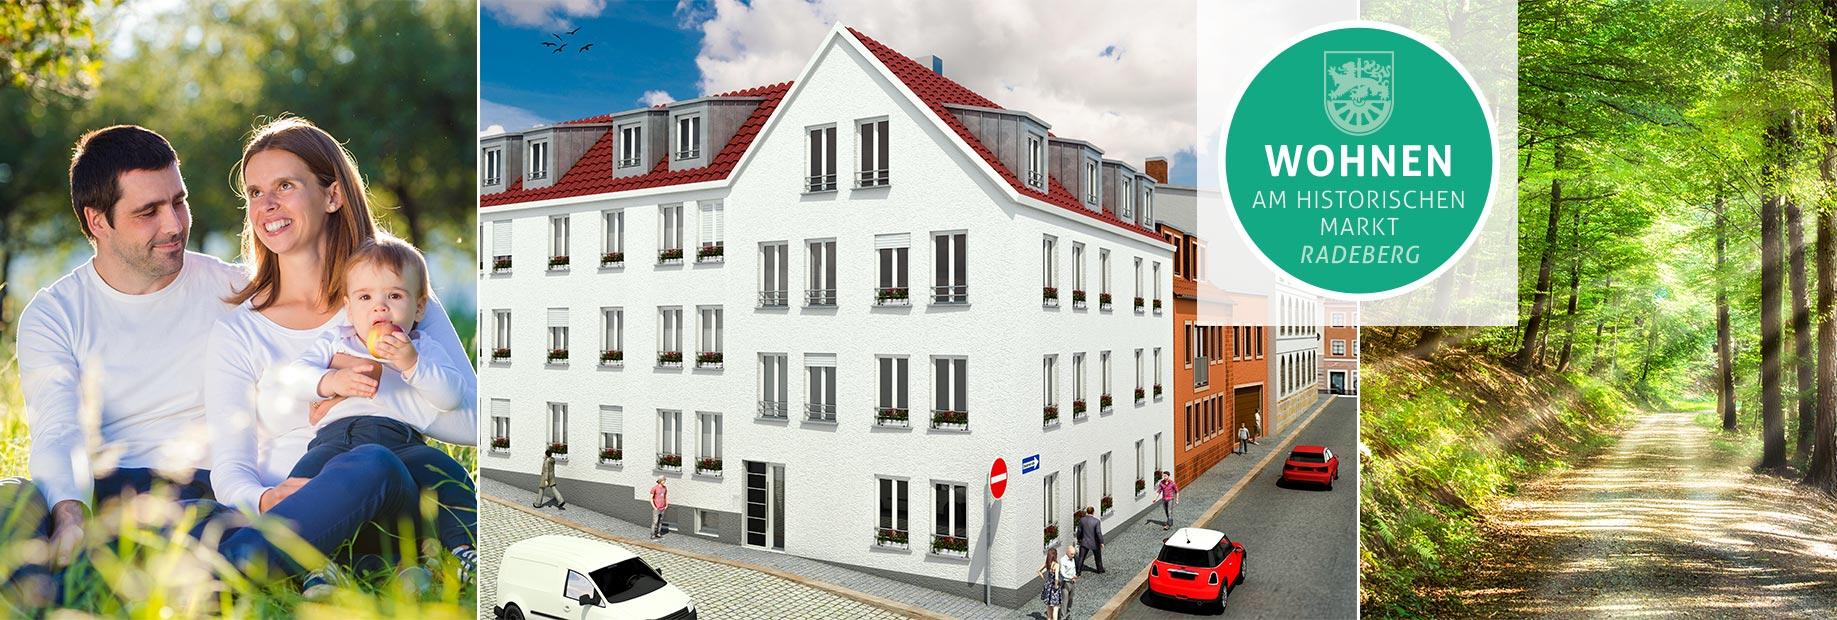 Bauvorhaben Neubau Eigentumswohnungen Mittelstraße 3 in Radeberg bei Dresden